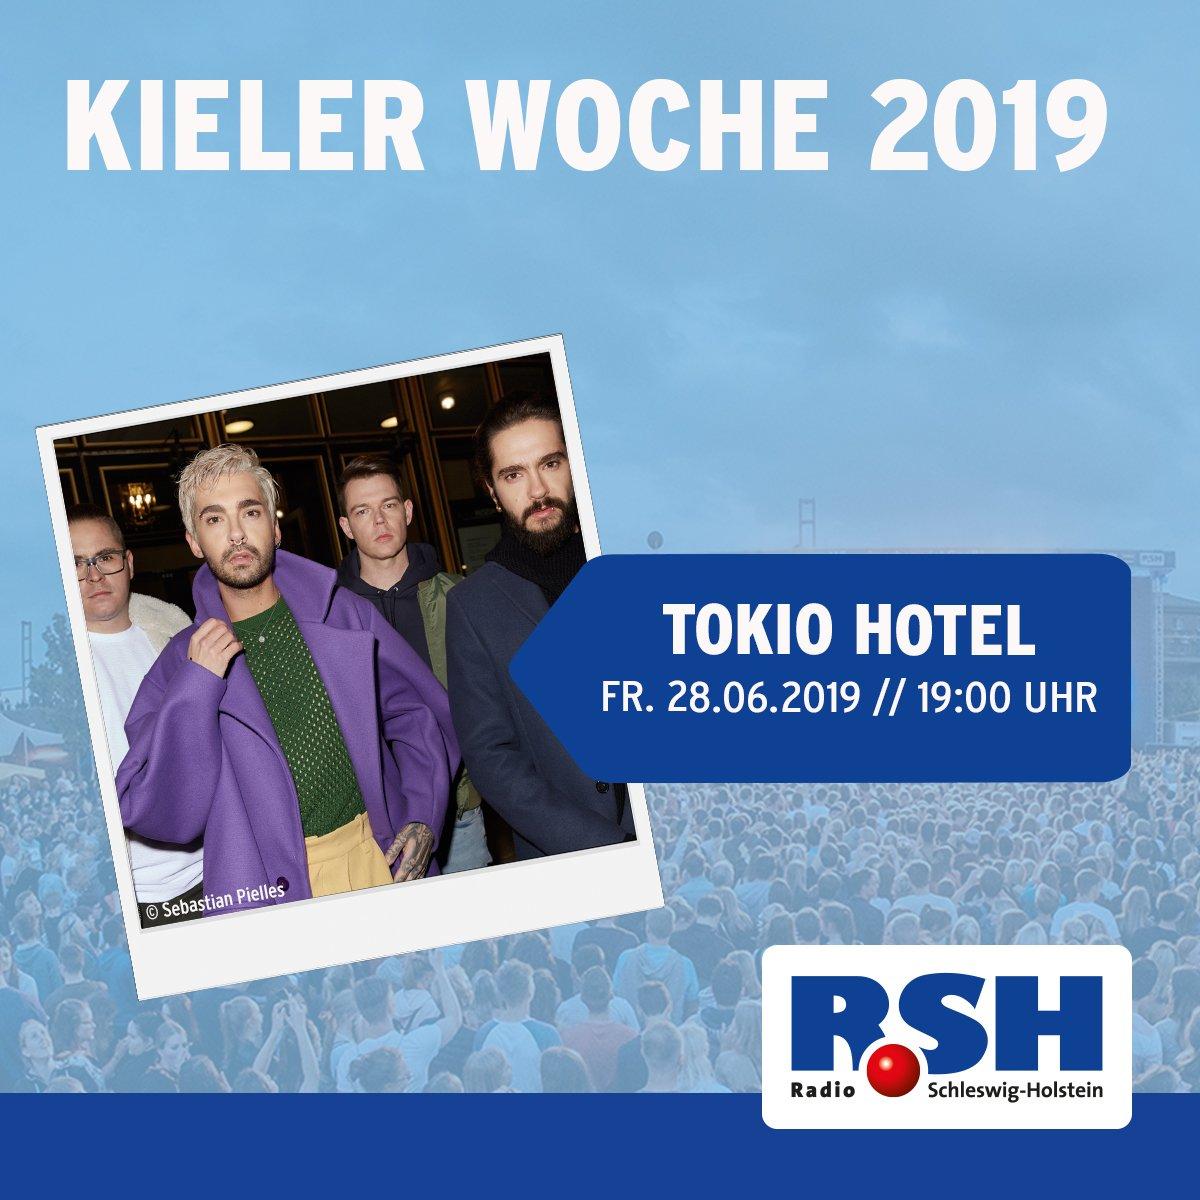 6110fa386 See you there: https://www.rsh.de/kieler-woche-2019 … #kielerwoche #kiwo  #rsh #kiwohoernpic.twitter.com/uFV39RTe3v